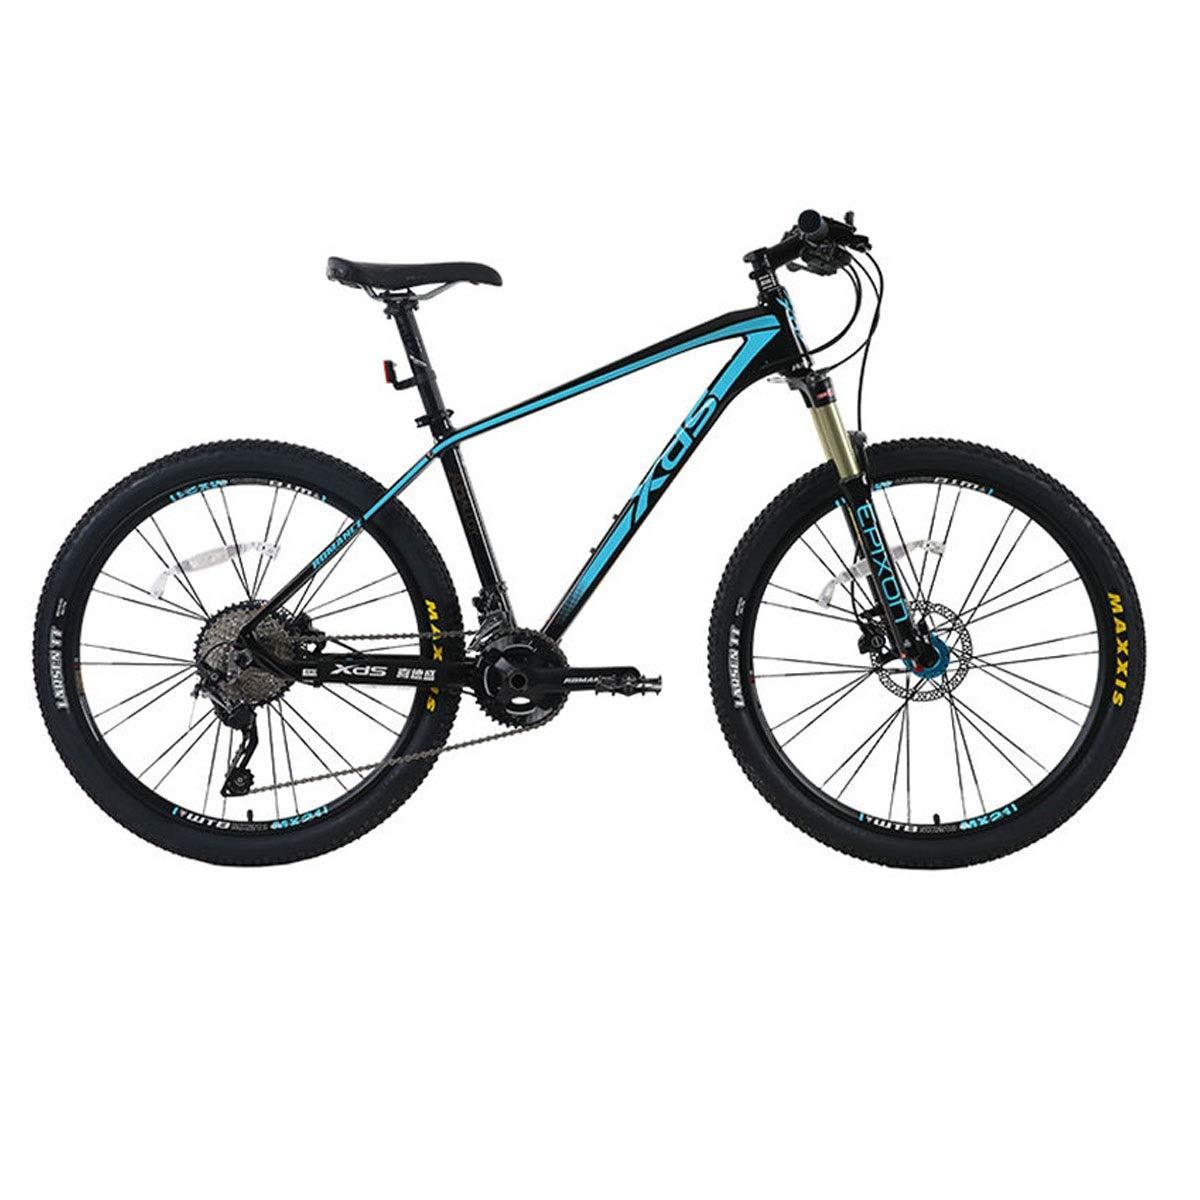 盛石水中 自転車、マウンテンバイク、オフロード競技用自転車、アルミ22スピード26インチ、家族またはプロの競技 最新のスタイル、シンプルなデザイン 黒 青 22 speed